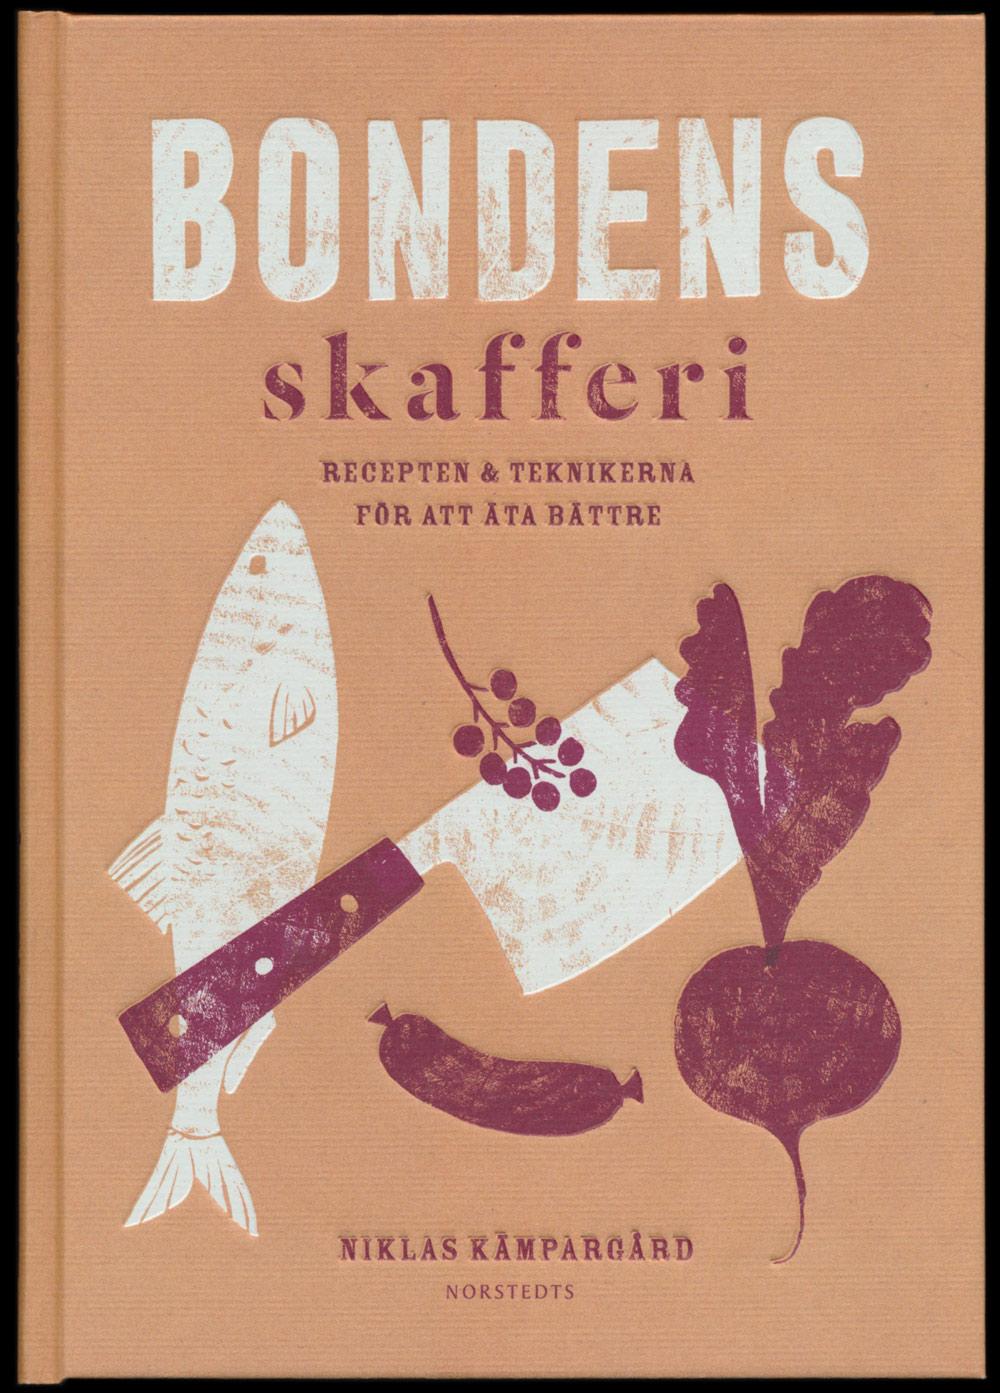 Bondens skafferi av Niklas Kämpargård Norstedts